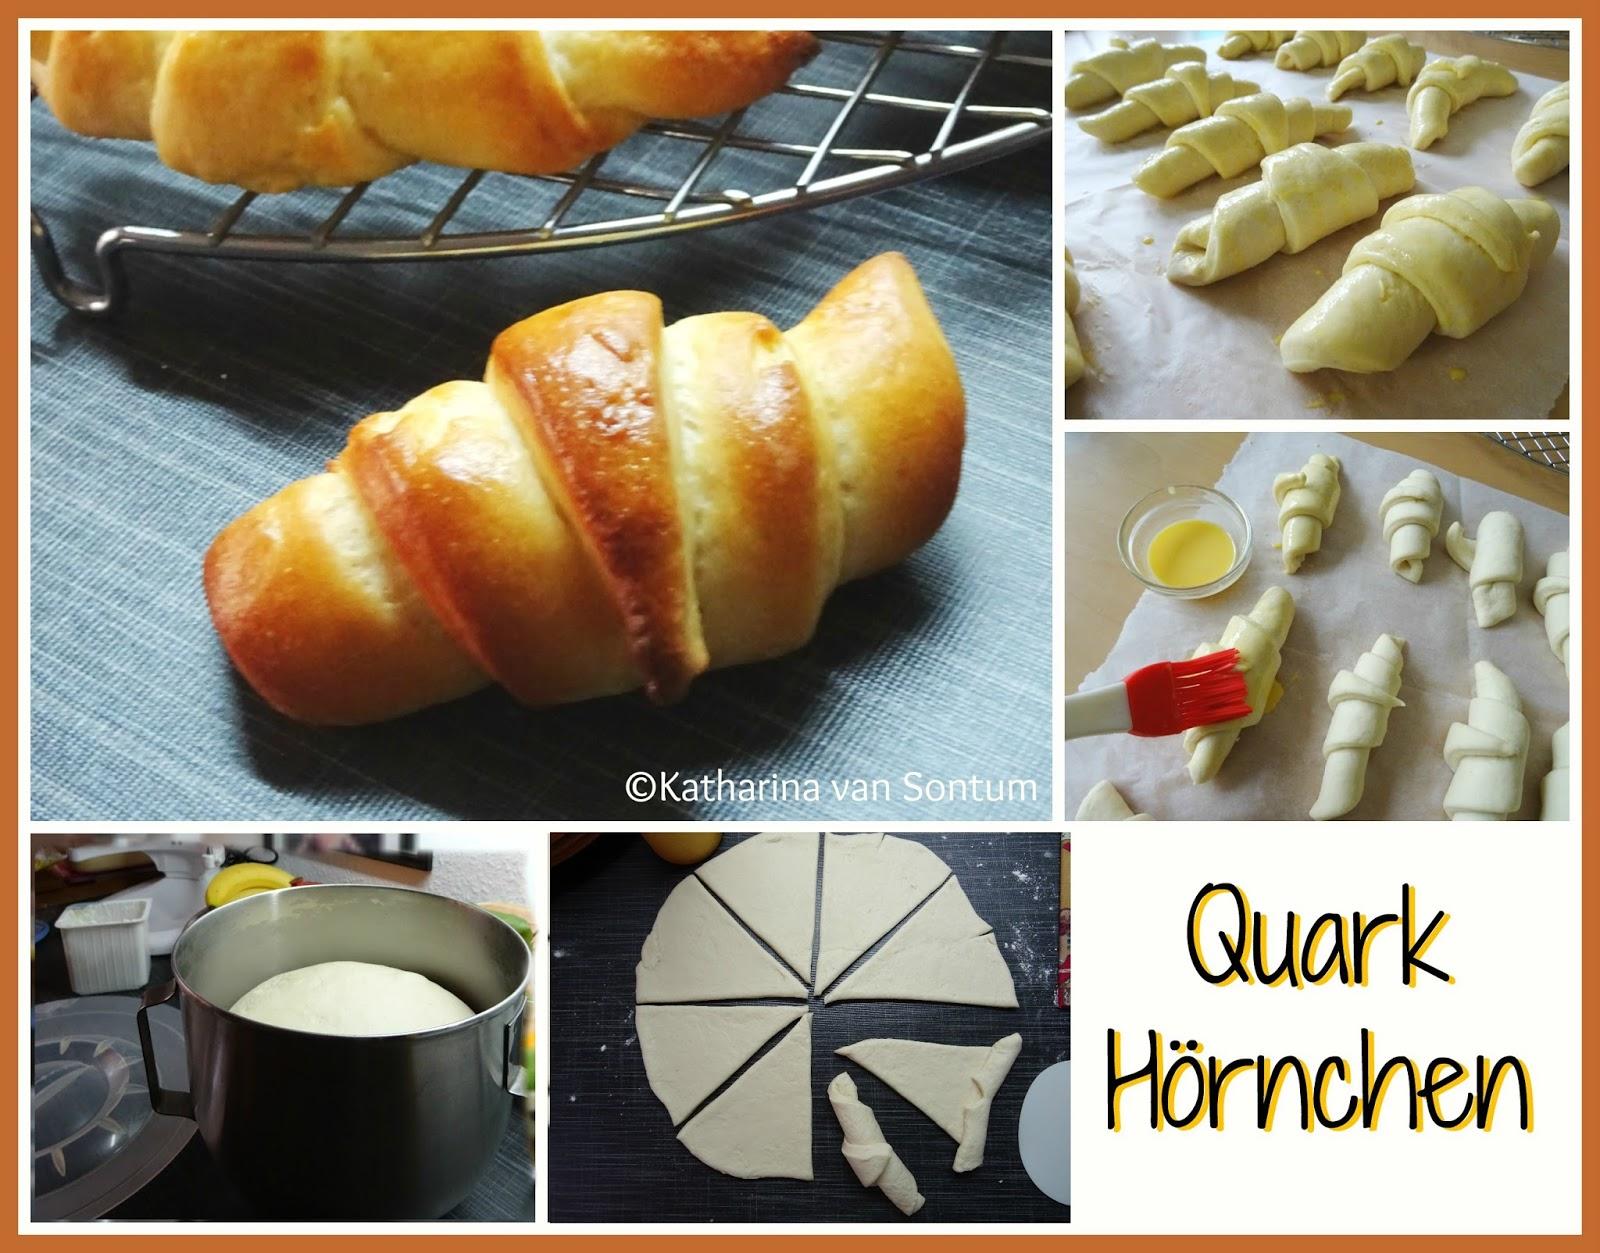 Amerikanischer Kühlschrank Quark : Ich hab da mal was ausprobiert: quark hörnchen